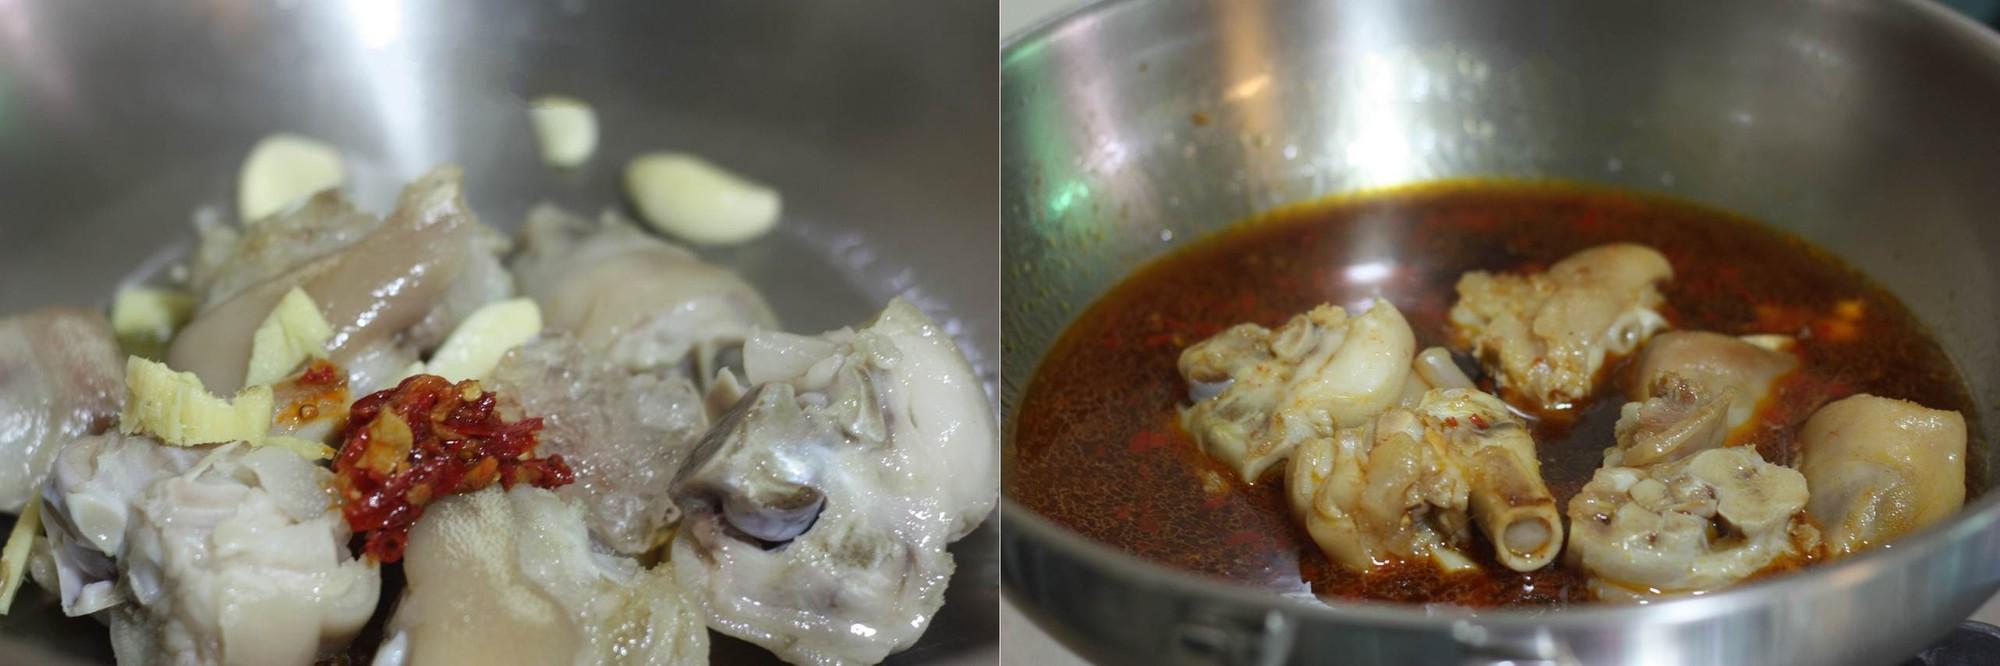 Thời tiết dịu mát và có mưa sao không làm ngay món chân giò om khoai tây mềm ngon đã đời